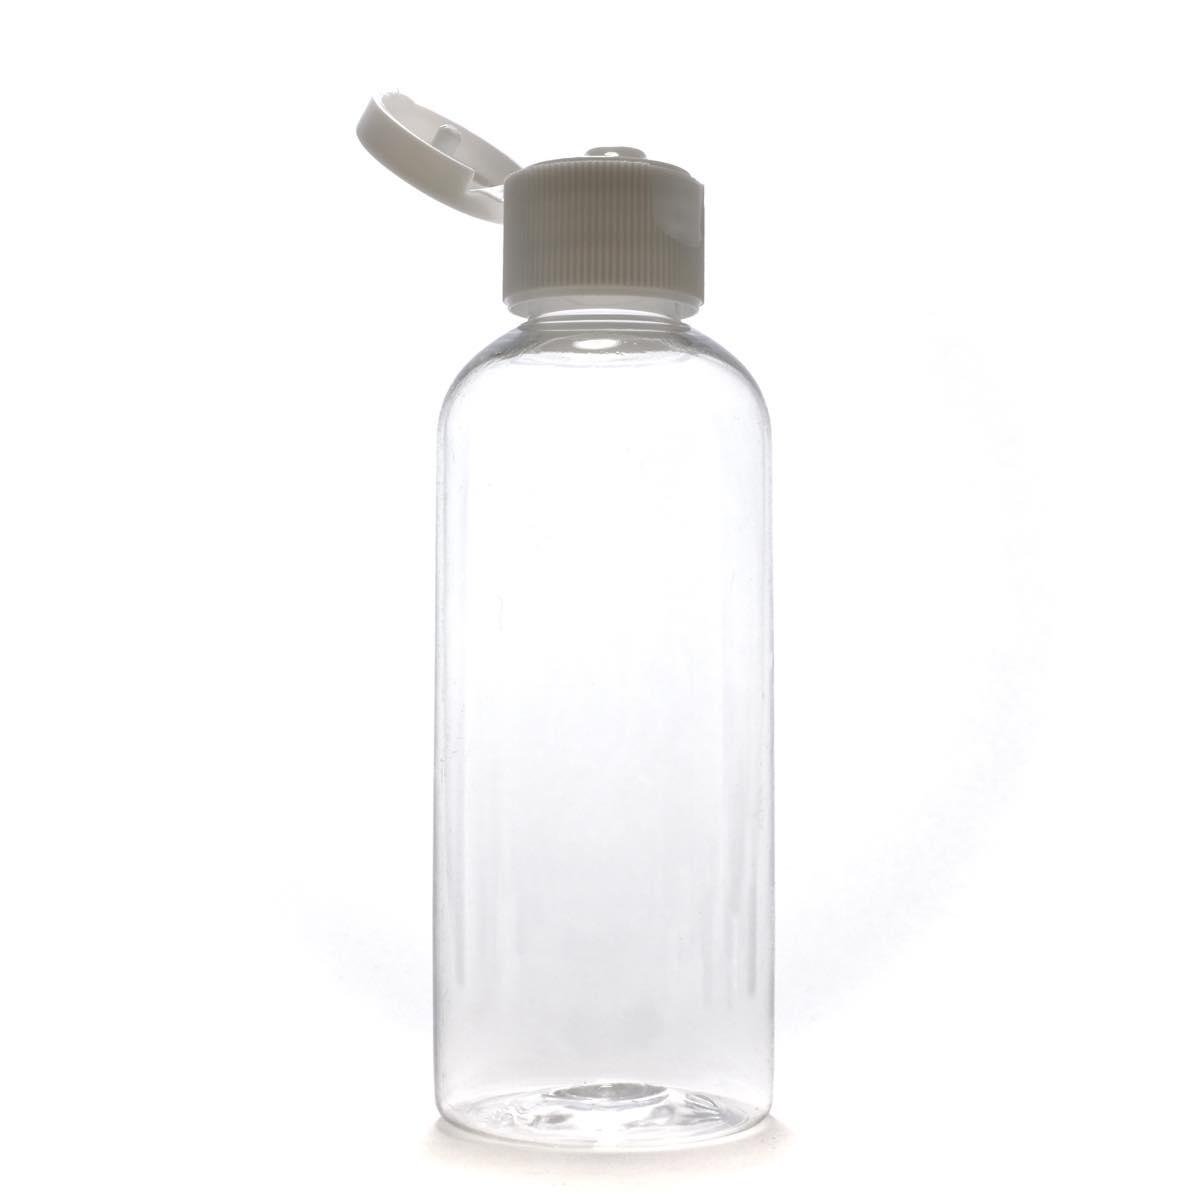 片手で開閉できるヒンジキャップ サービス プラスチック容器 ヒンジキャプ:ホワイト 100mL 卓出